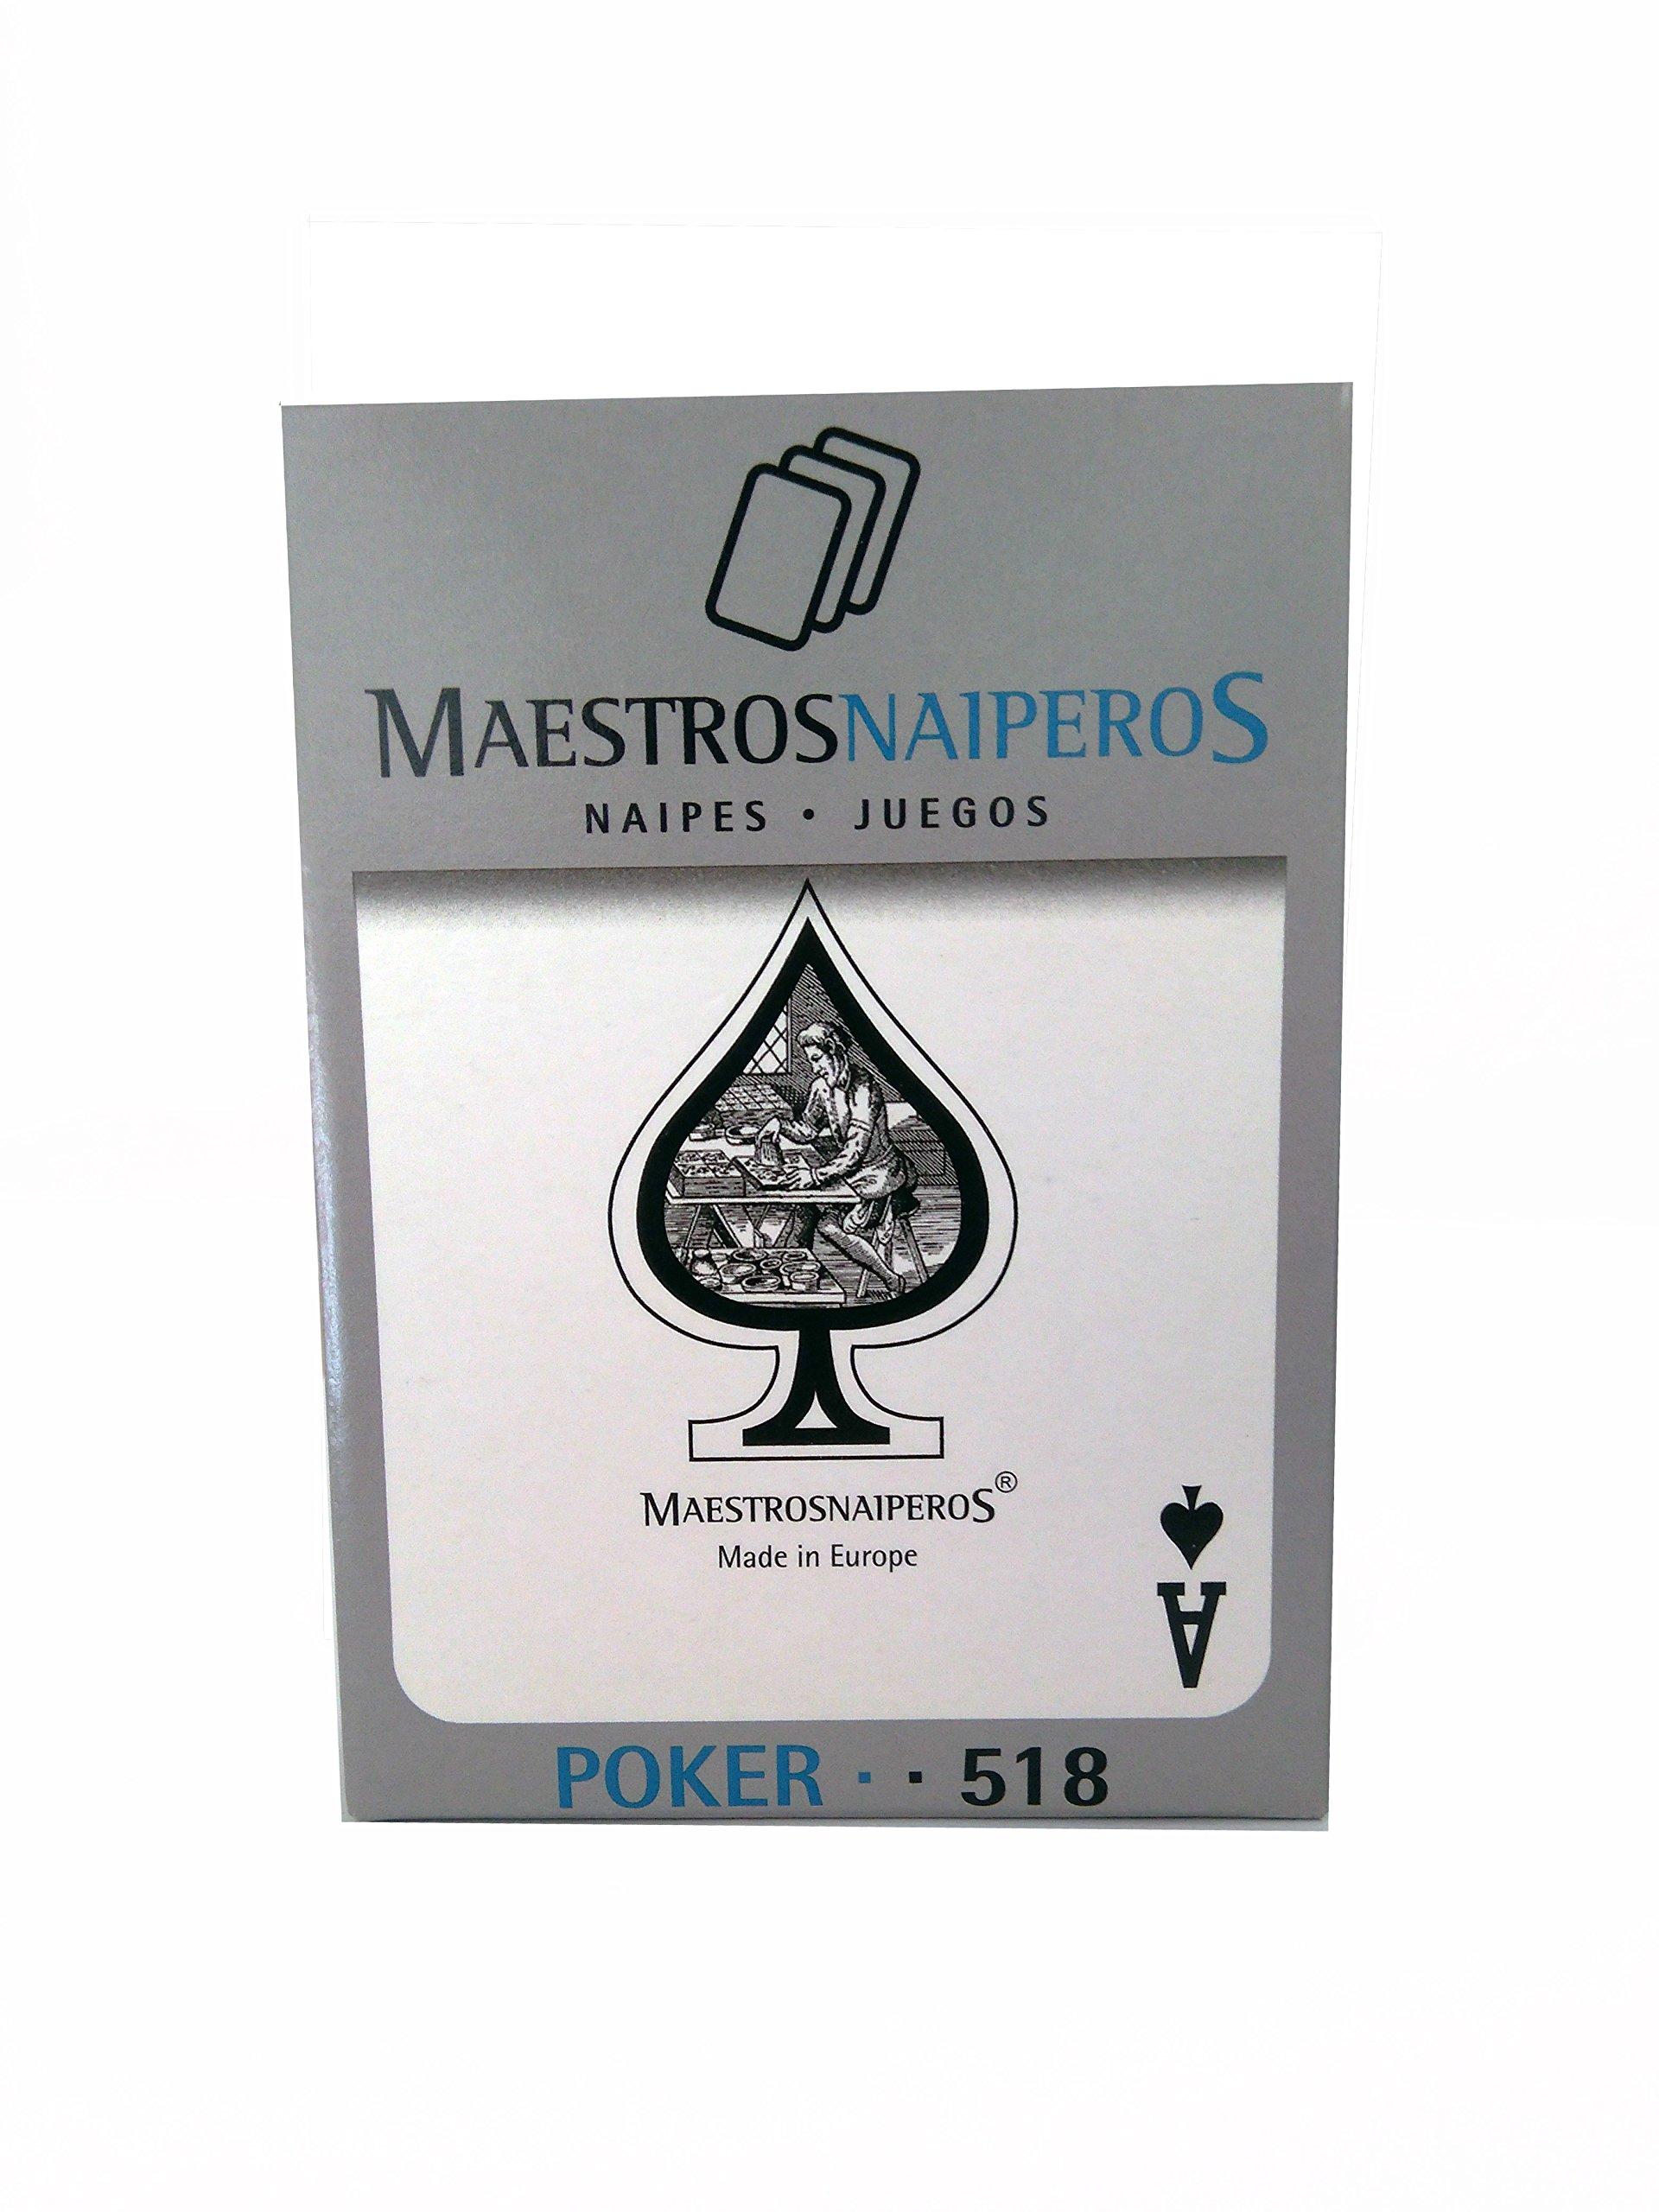 Maestros Naiperos- baraja Poker, clásico, 55, Cartas, Estuche cartón, Calidad Gran Casino, Color Azul o Rojo (130003030): Amazon.es: Juguetes y juegos